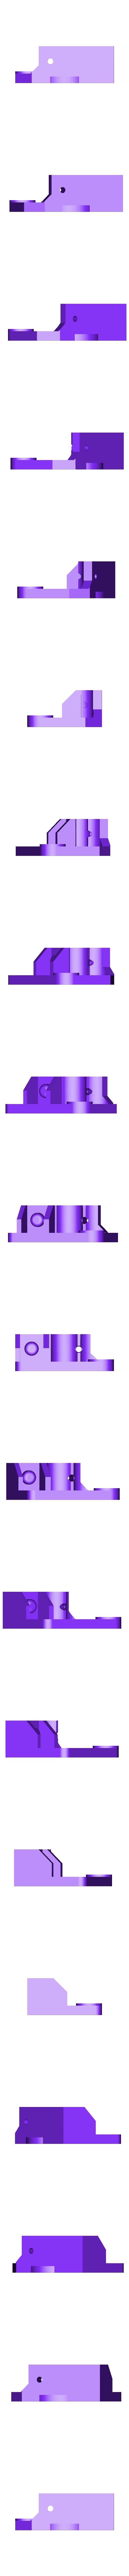 ExtuderV4_1.stl Télécharger fichier STL gratuit Extrudeuse à entraînement direct à filament flexible (Max Micron et autres Prusa i3's) • Plan pour imprimante 3D, Thomllama